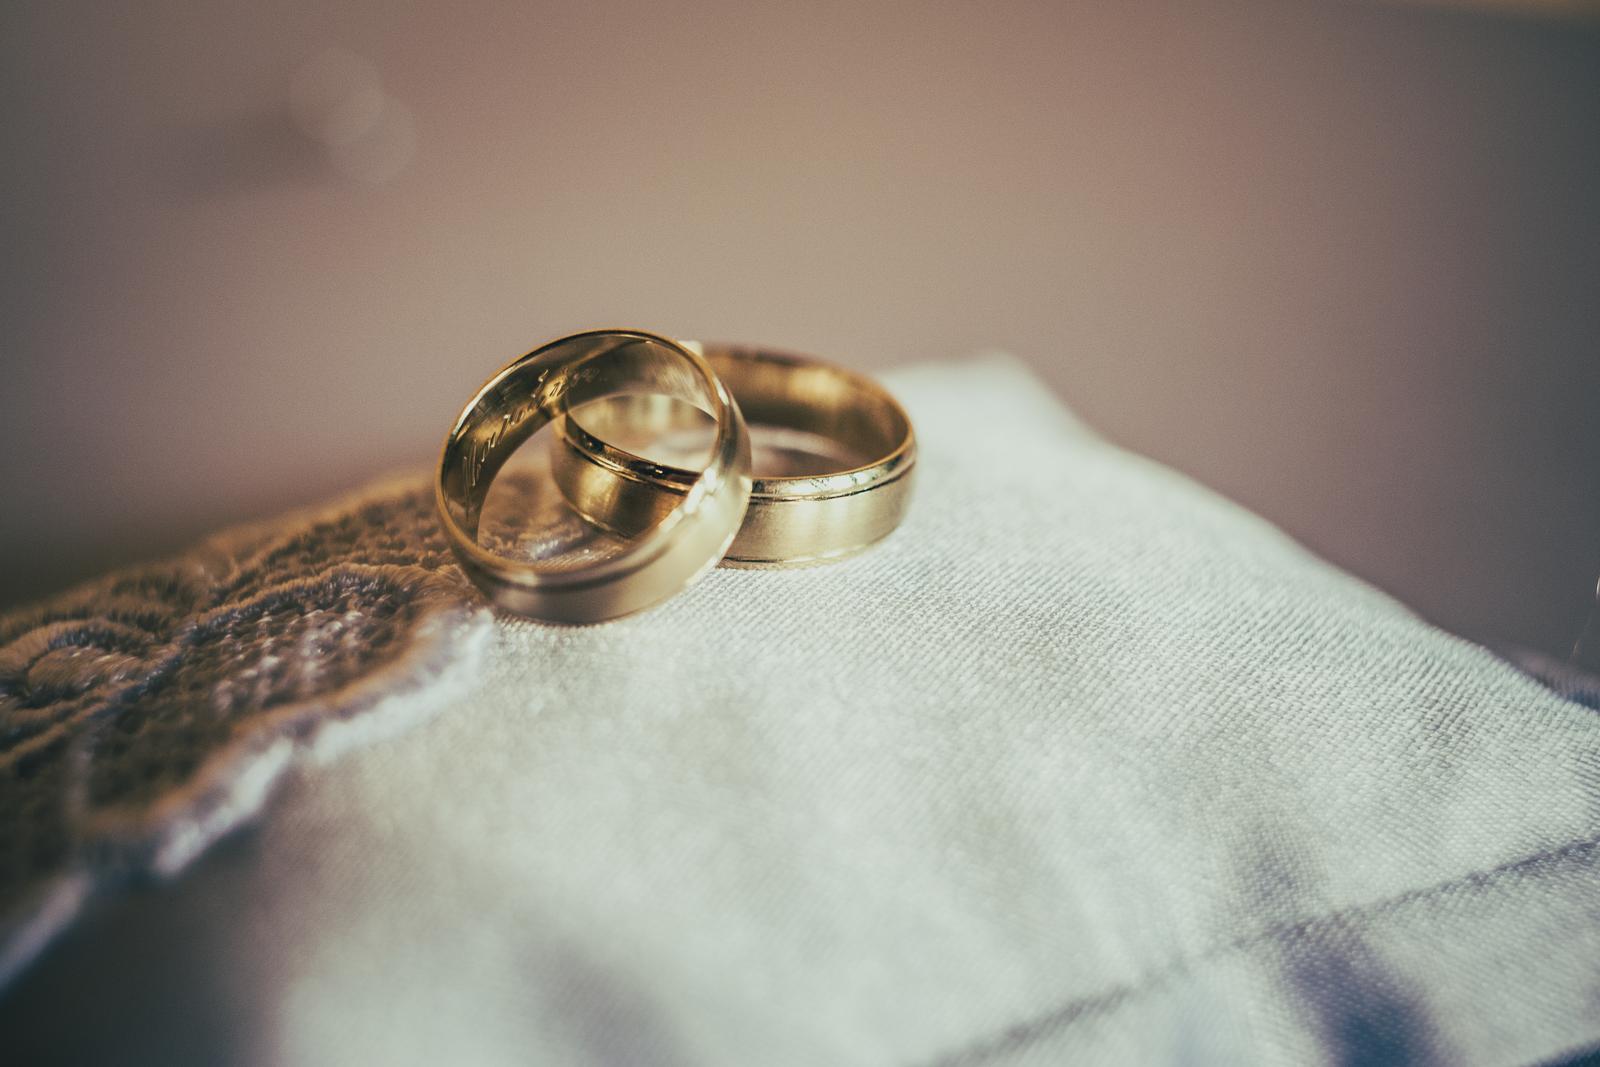 Hezký den, nabízím svatební... - Obrázek č. 3